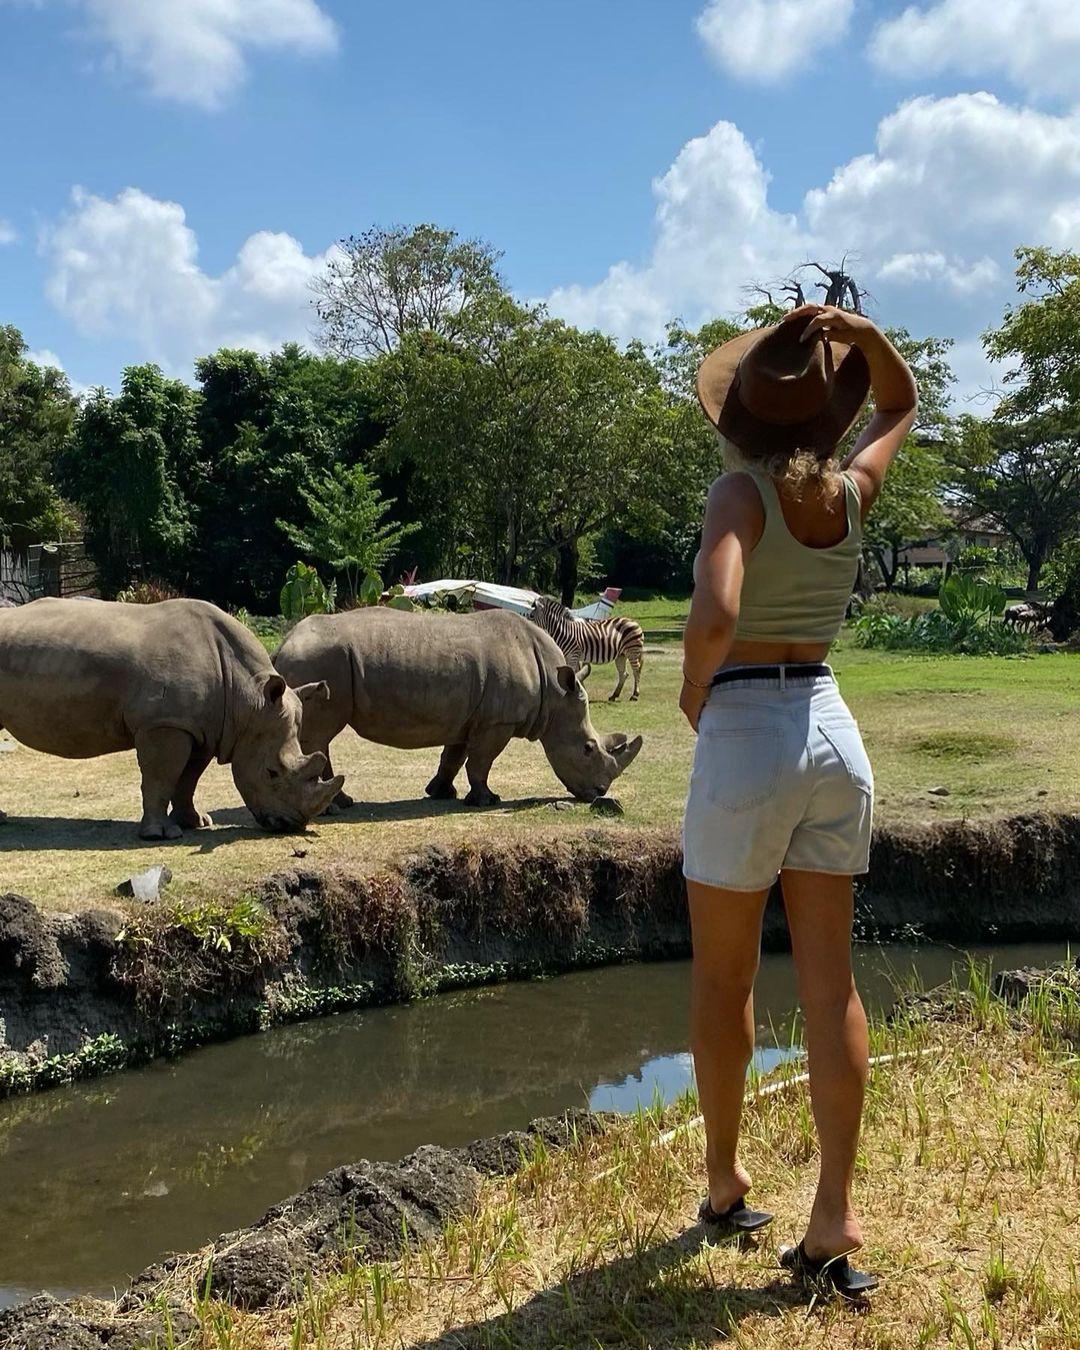 Berfoto Dengan Badak Di Bali Safari Image From @inguskey